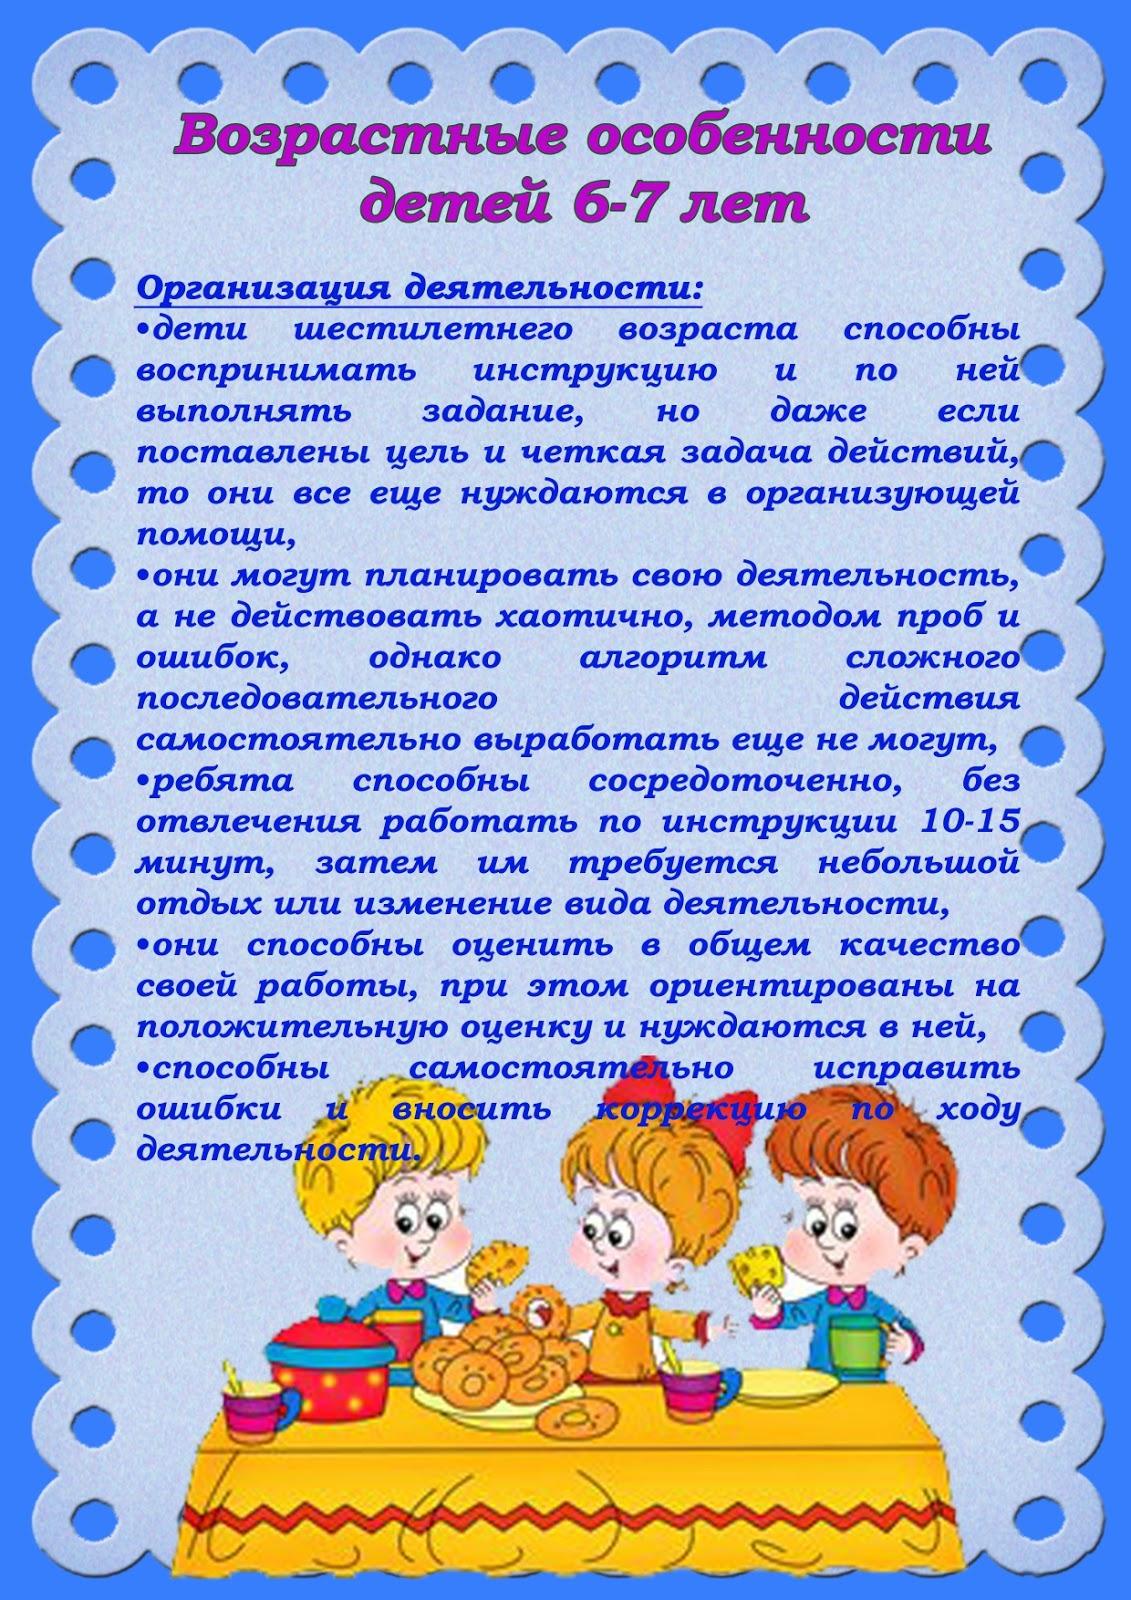 Возрастные особенности детей 2-3 лет (ясельная группа) | детская психология